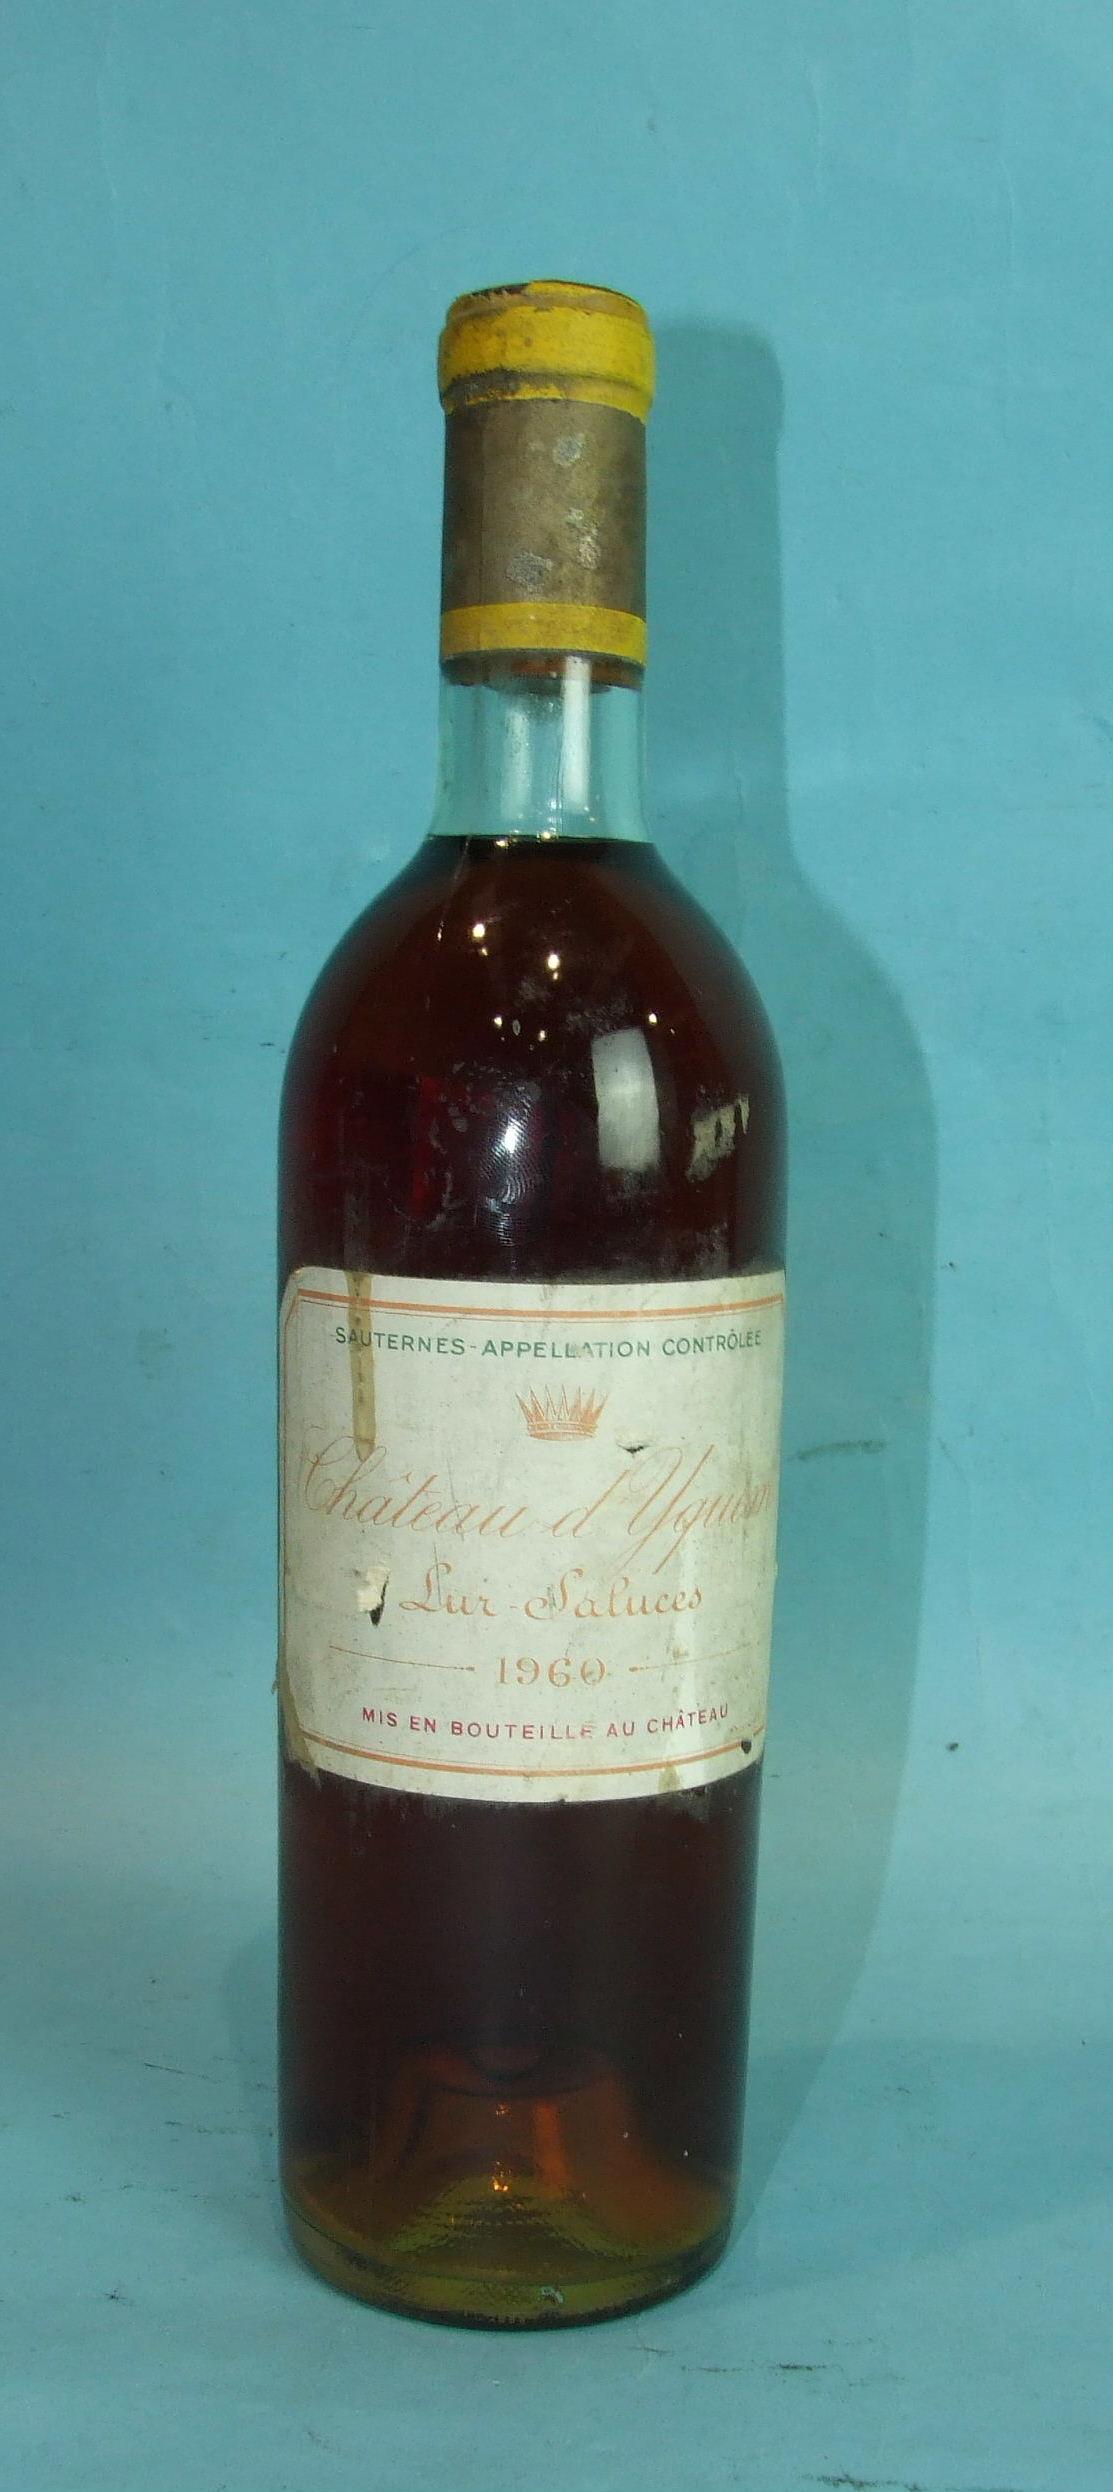 Lot 41 - Chateau d'Yquem Sur Saluces Sauternes 1960, one bottle, (low neck, label soils and small tears).